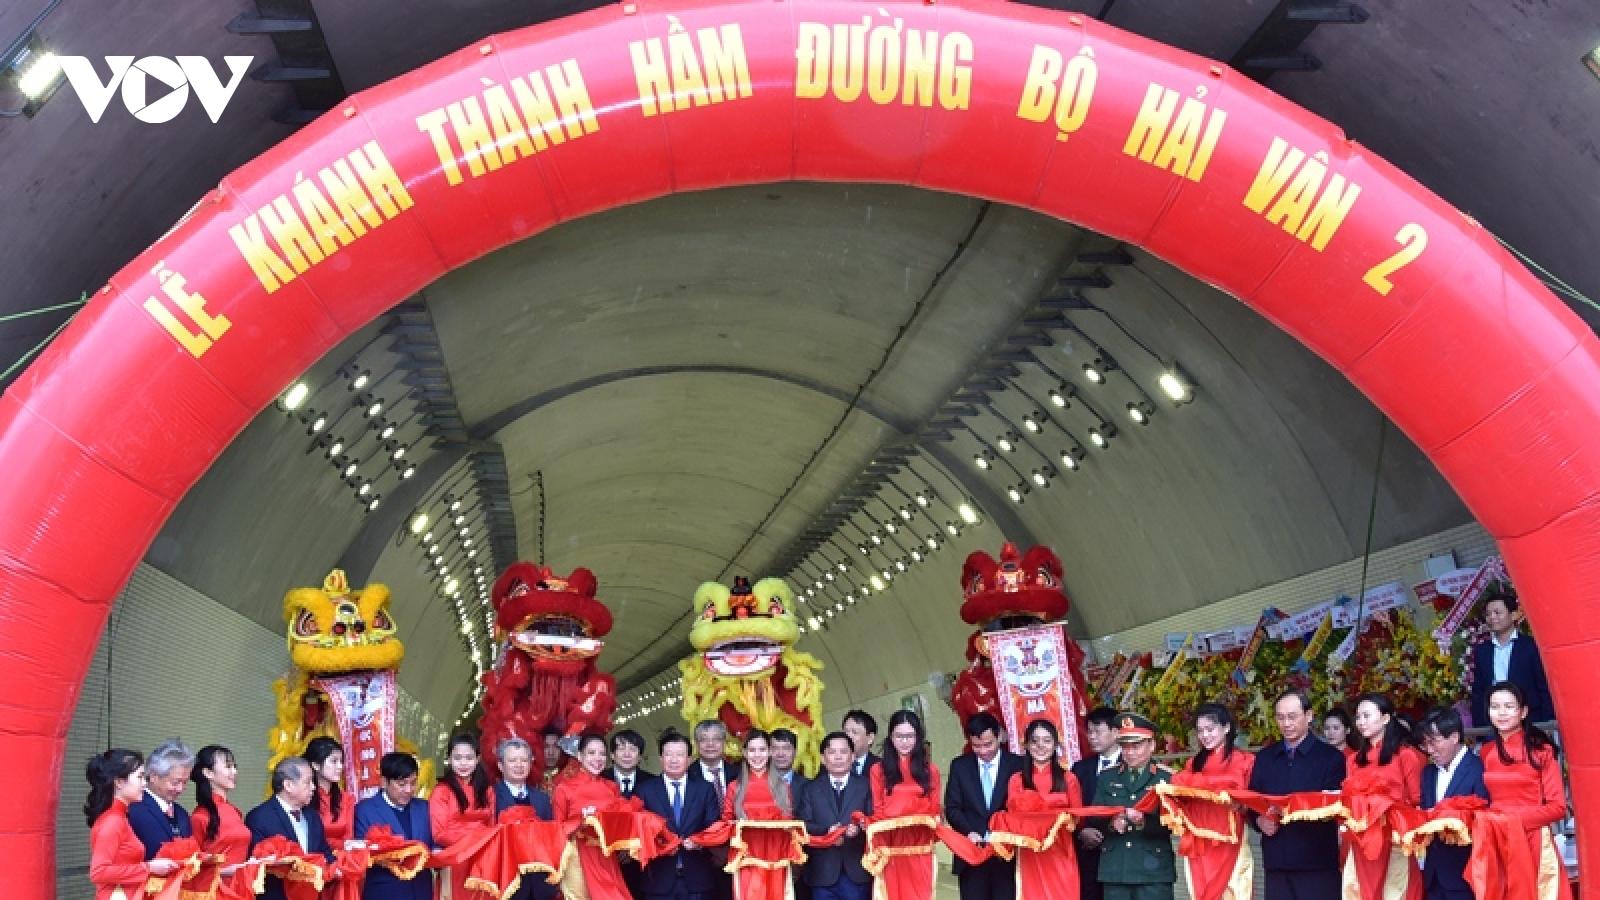 Phó Thủ tướng Trịnh Đình Dũng cắt băng thông xe hầm đường bộ Hải Vân 2